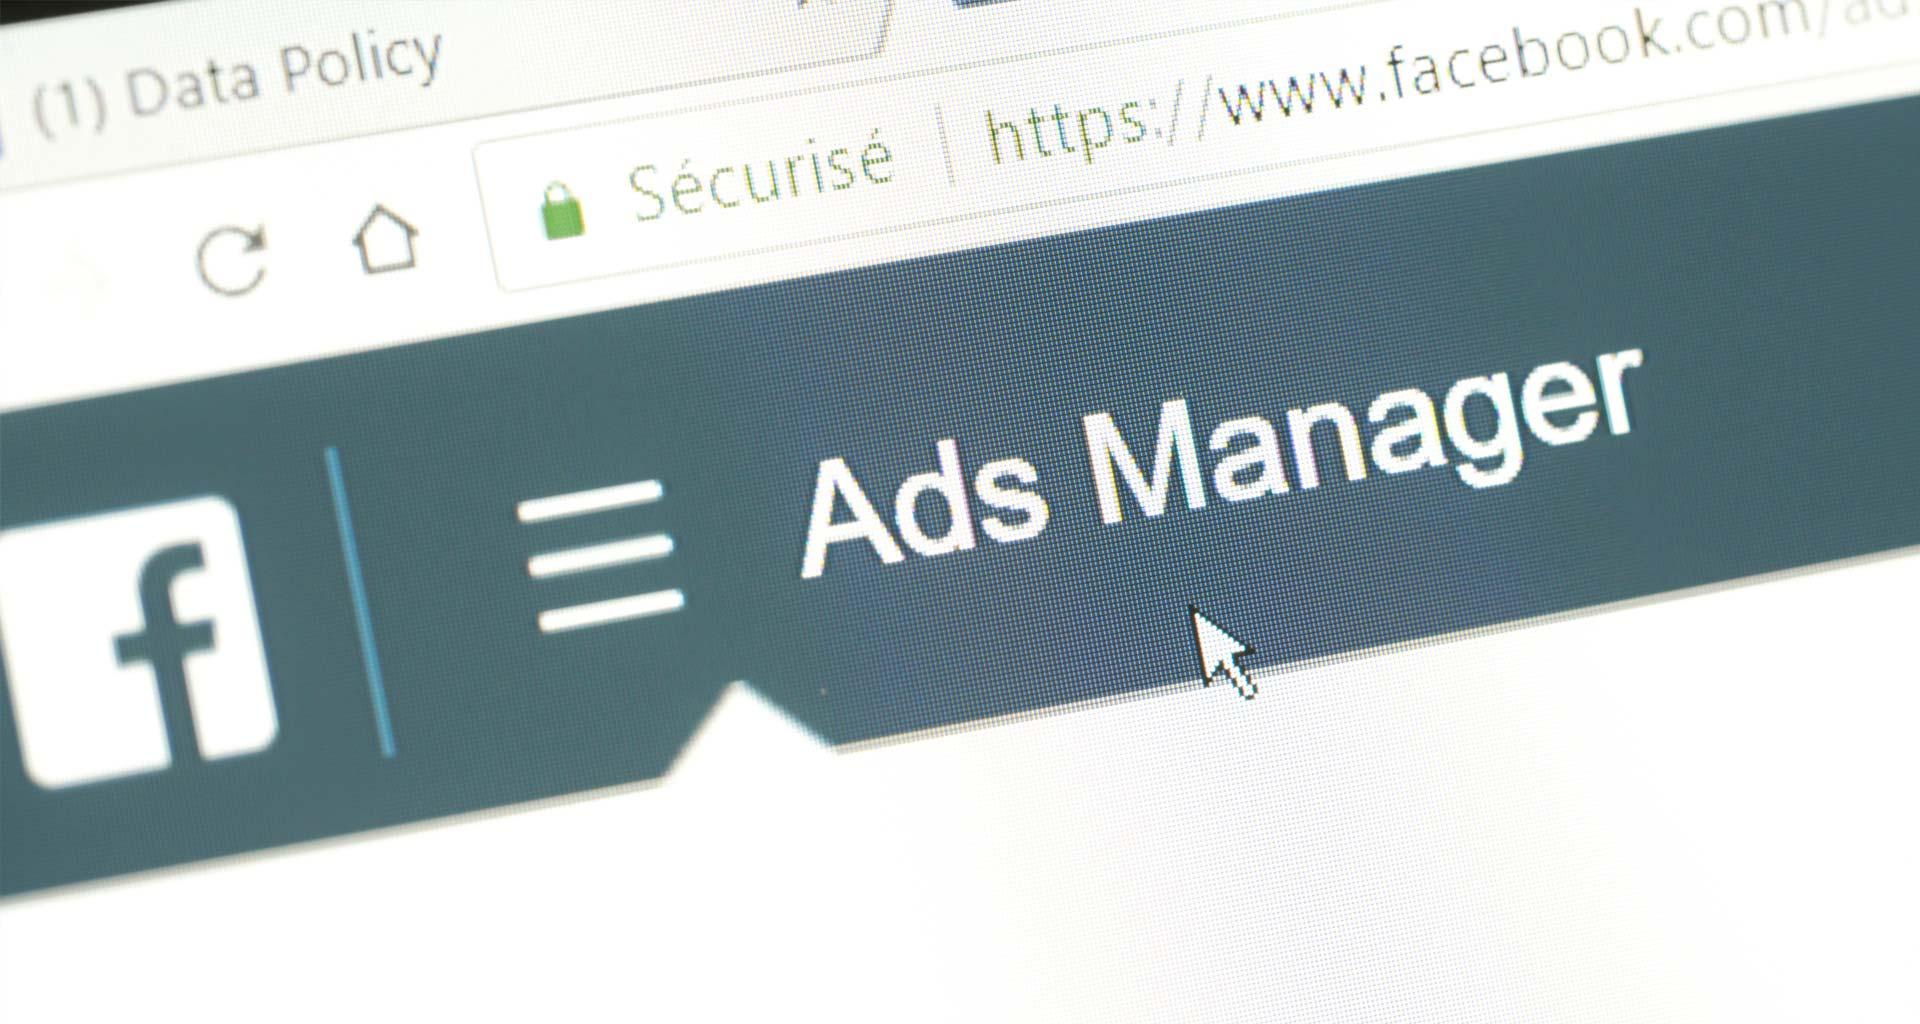 ¿Cómo optimizar una campaña de Facebook?